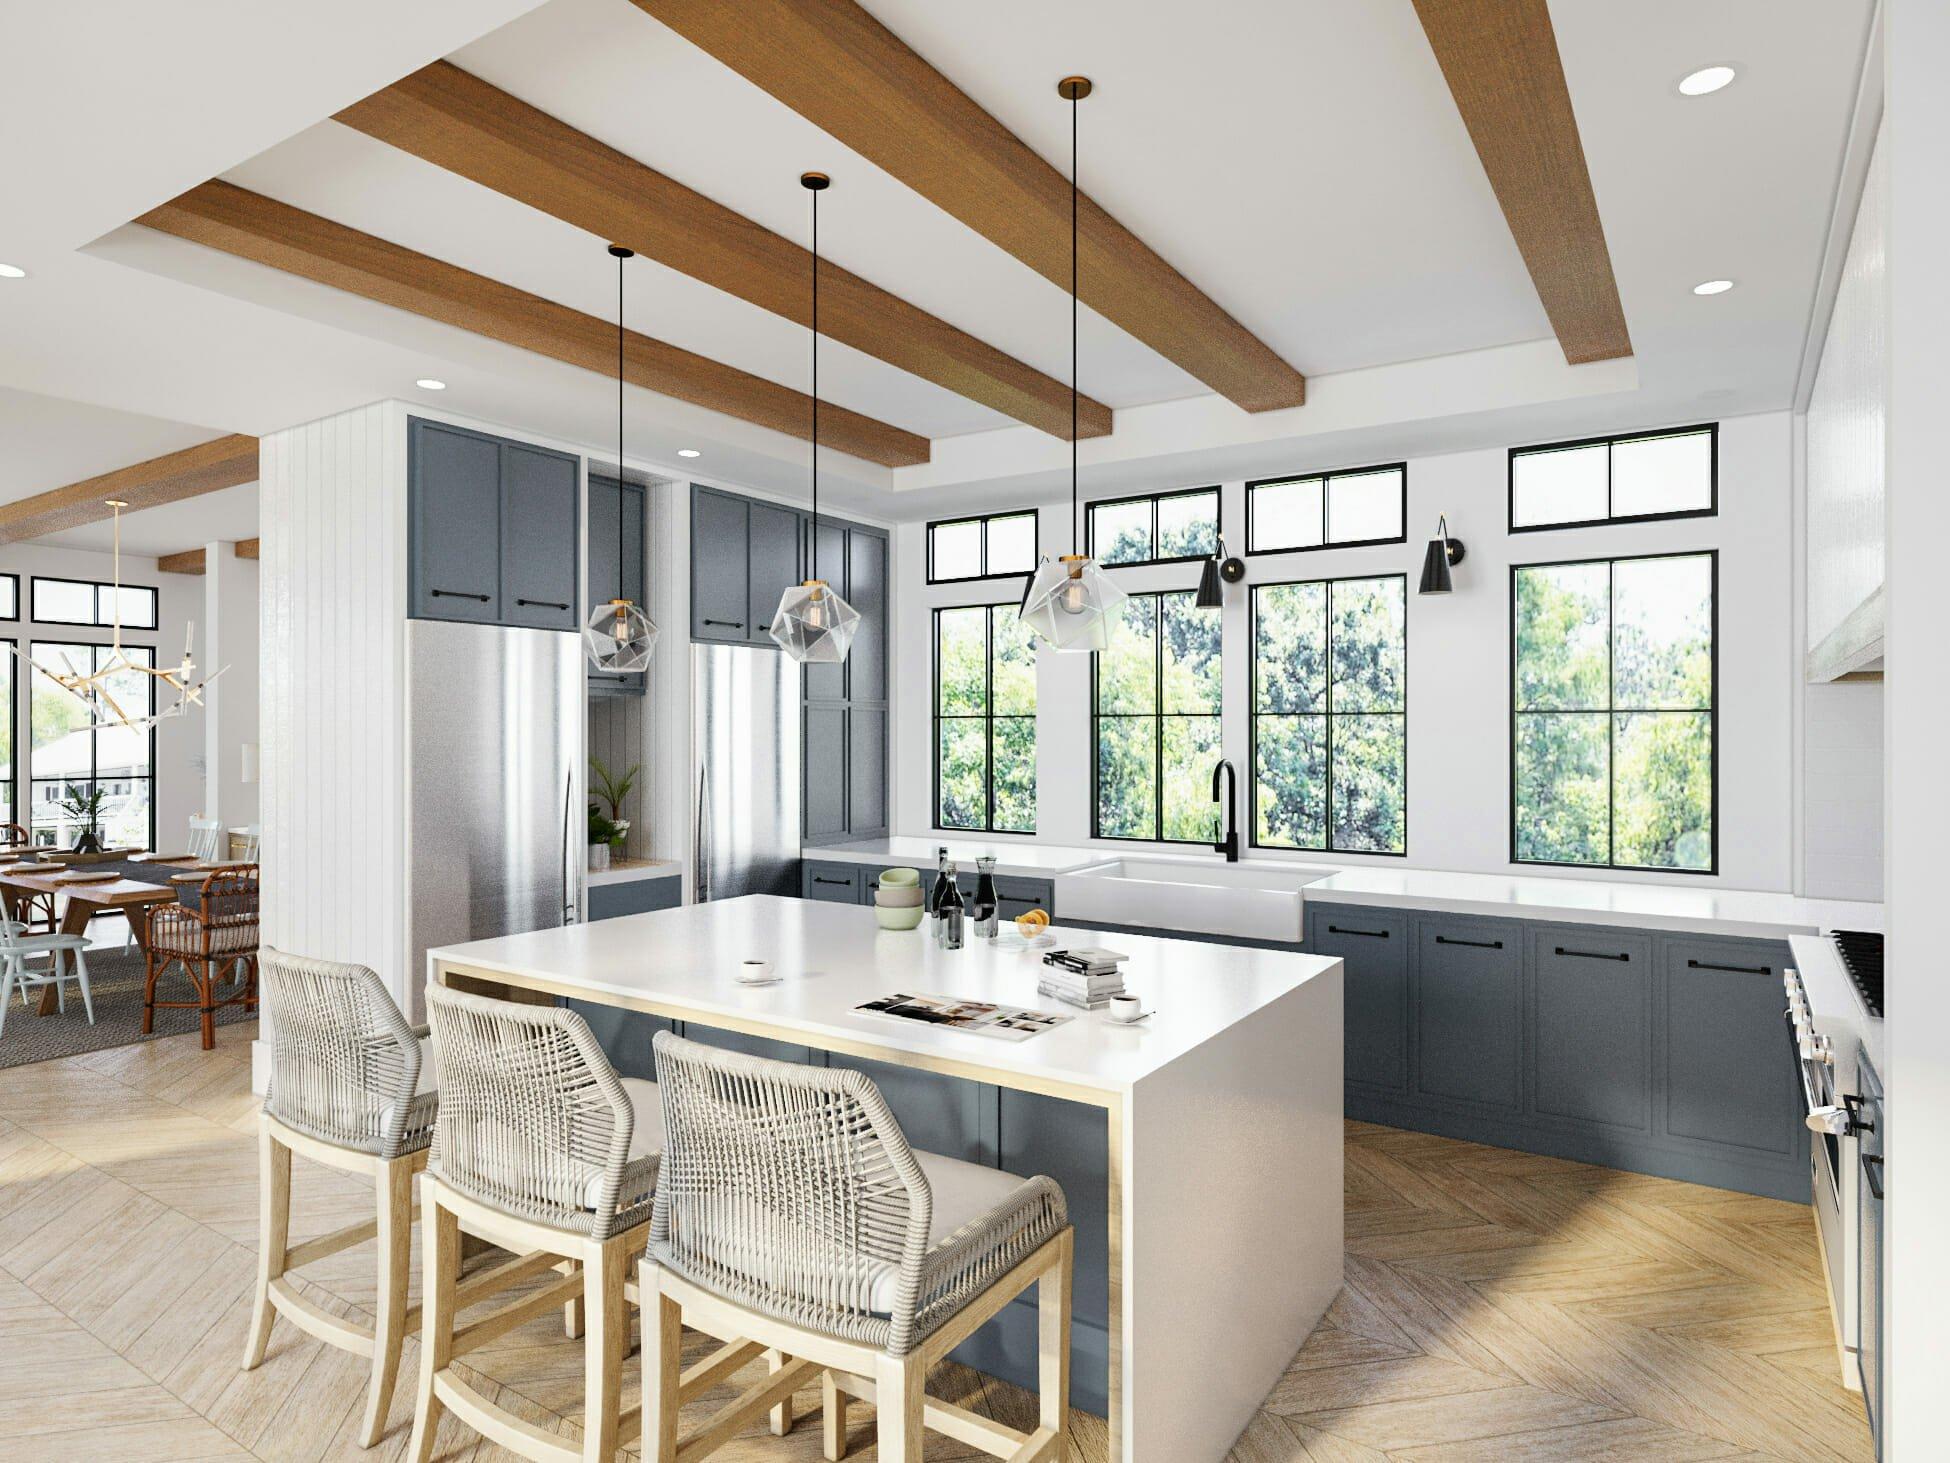 modern kitchen interior design by decorilla designer sonia c